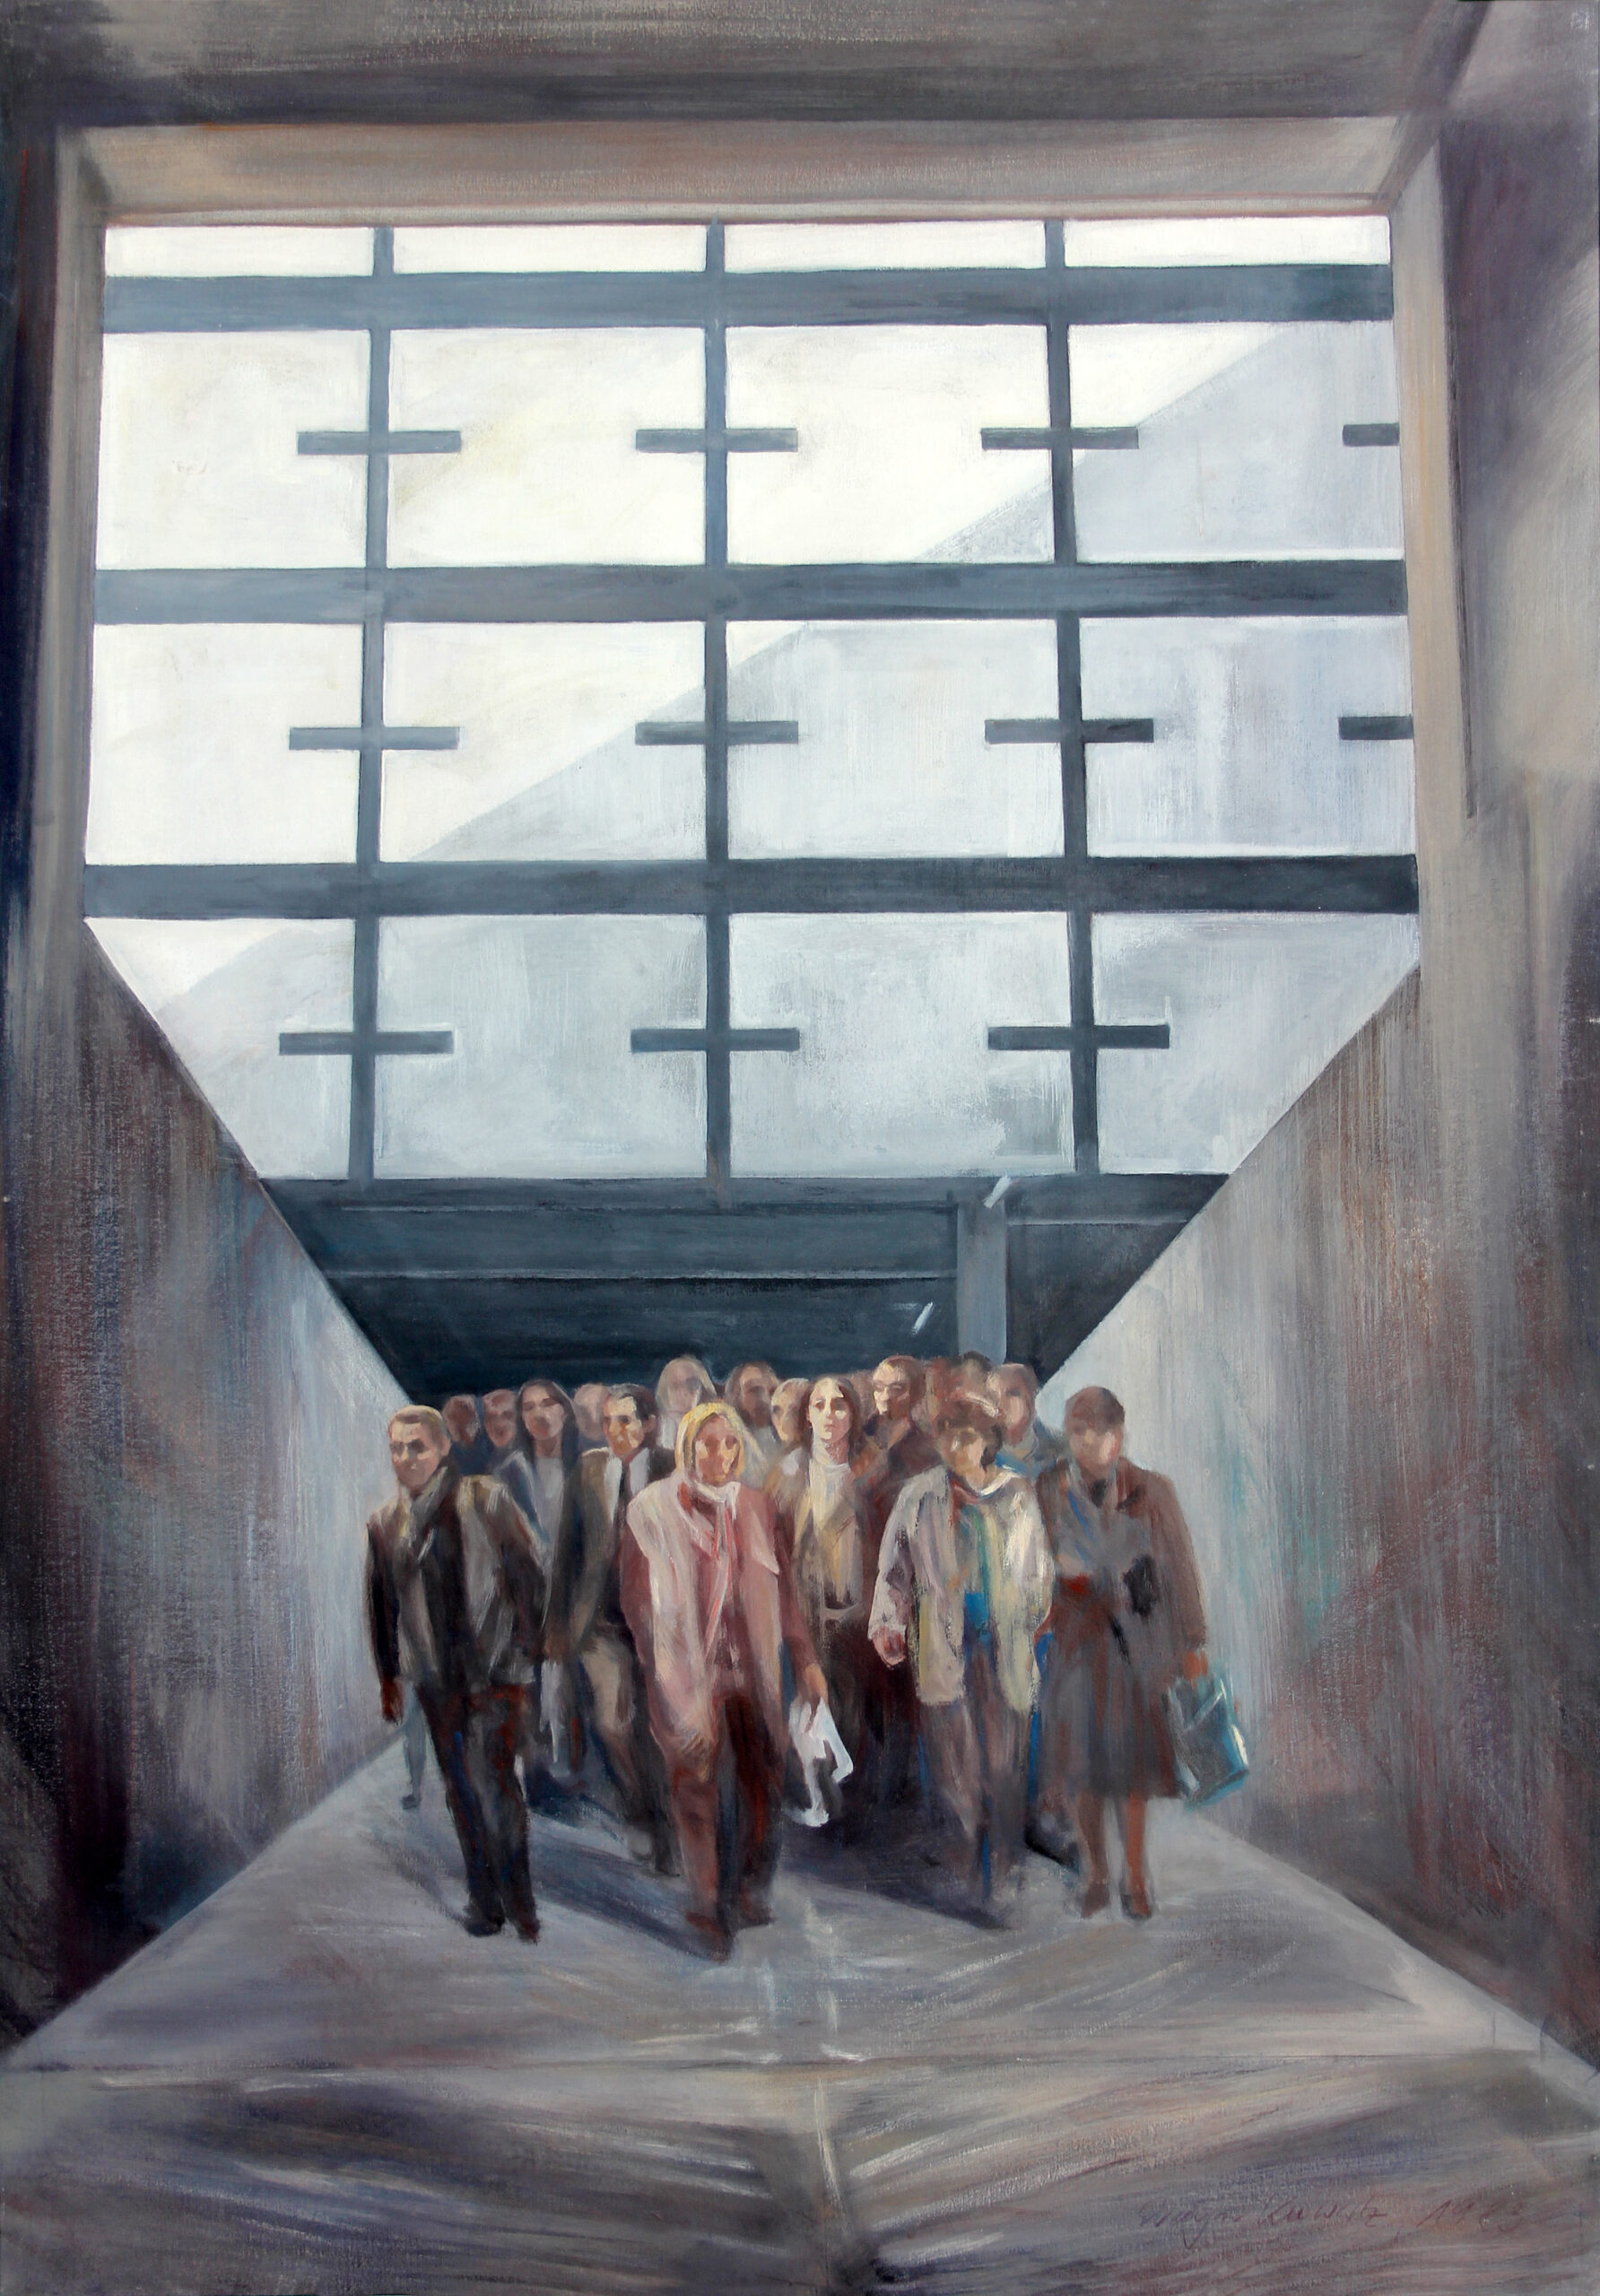 Atombunker Berlin 1983 | 100 / 70cm, Acryl, Öl / Leinwand